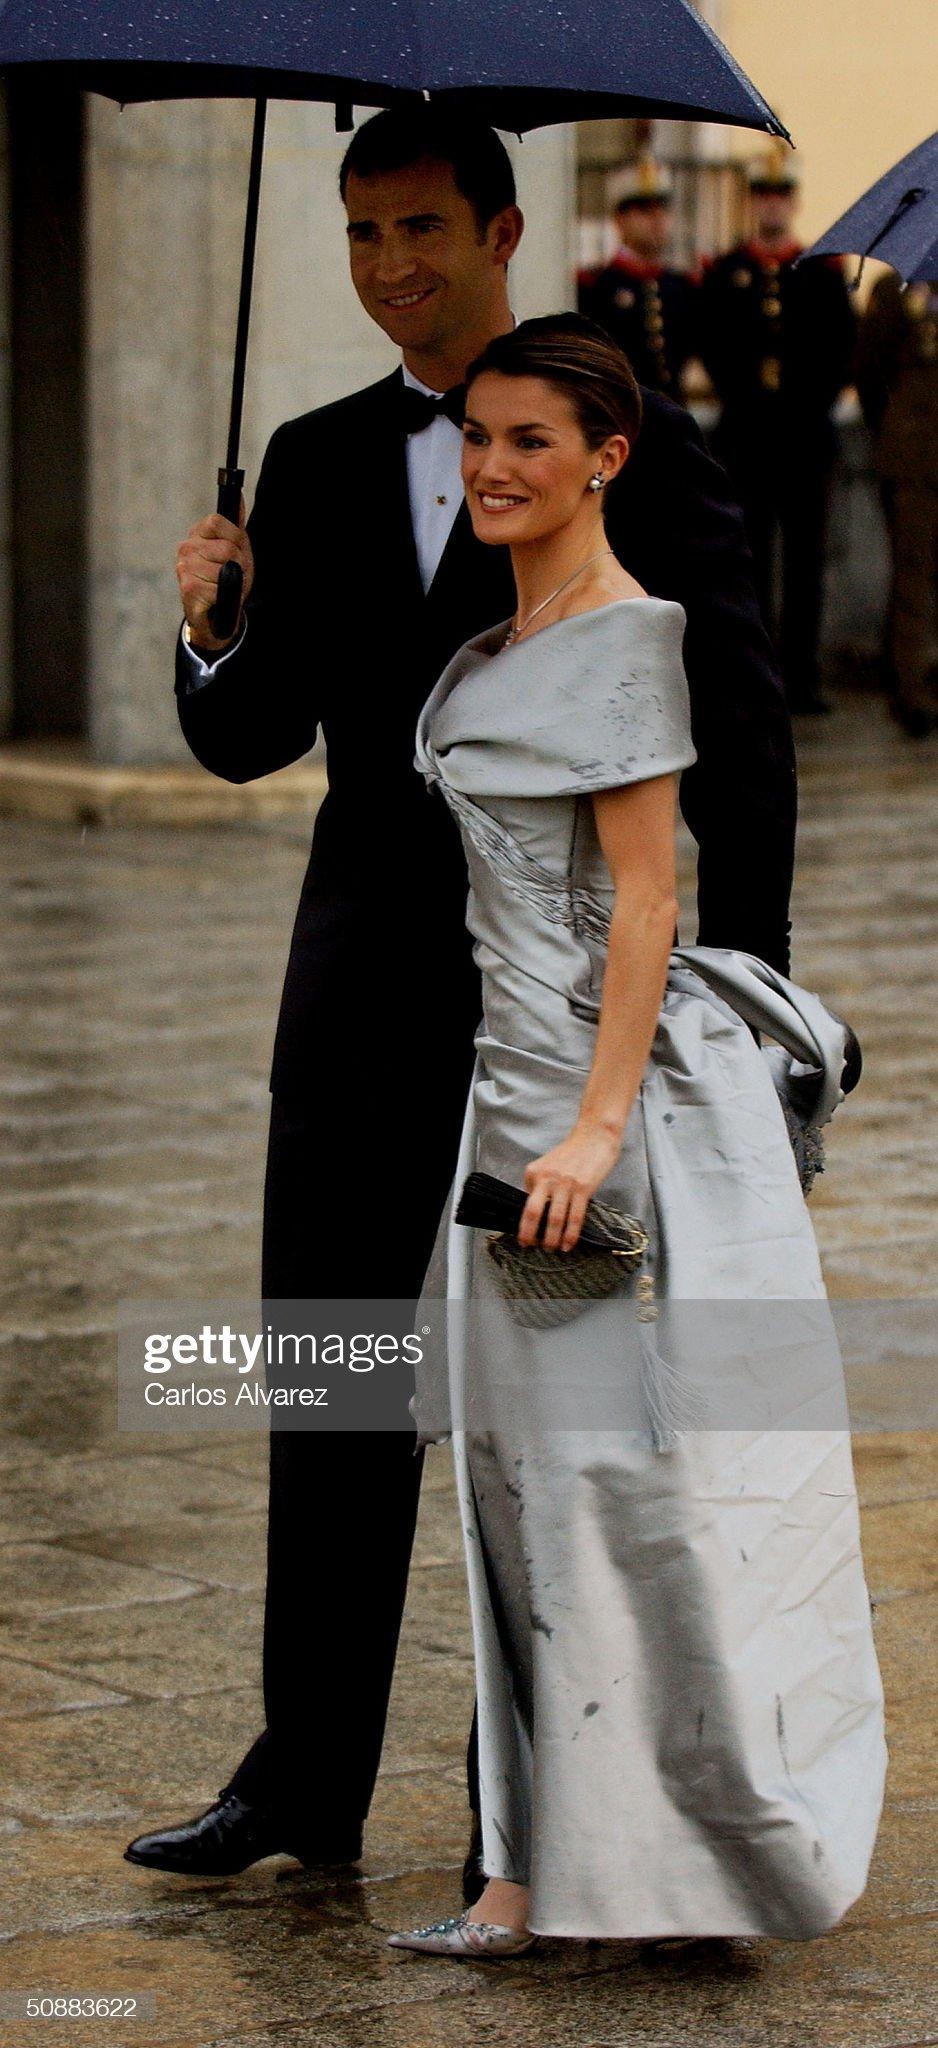 Вечерние наряды Королевы Летиции Gala Dinner at El Pardo Palace In Preparation For Royal Wedding : News Photo